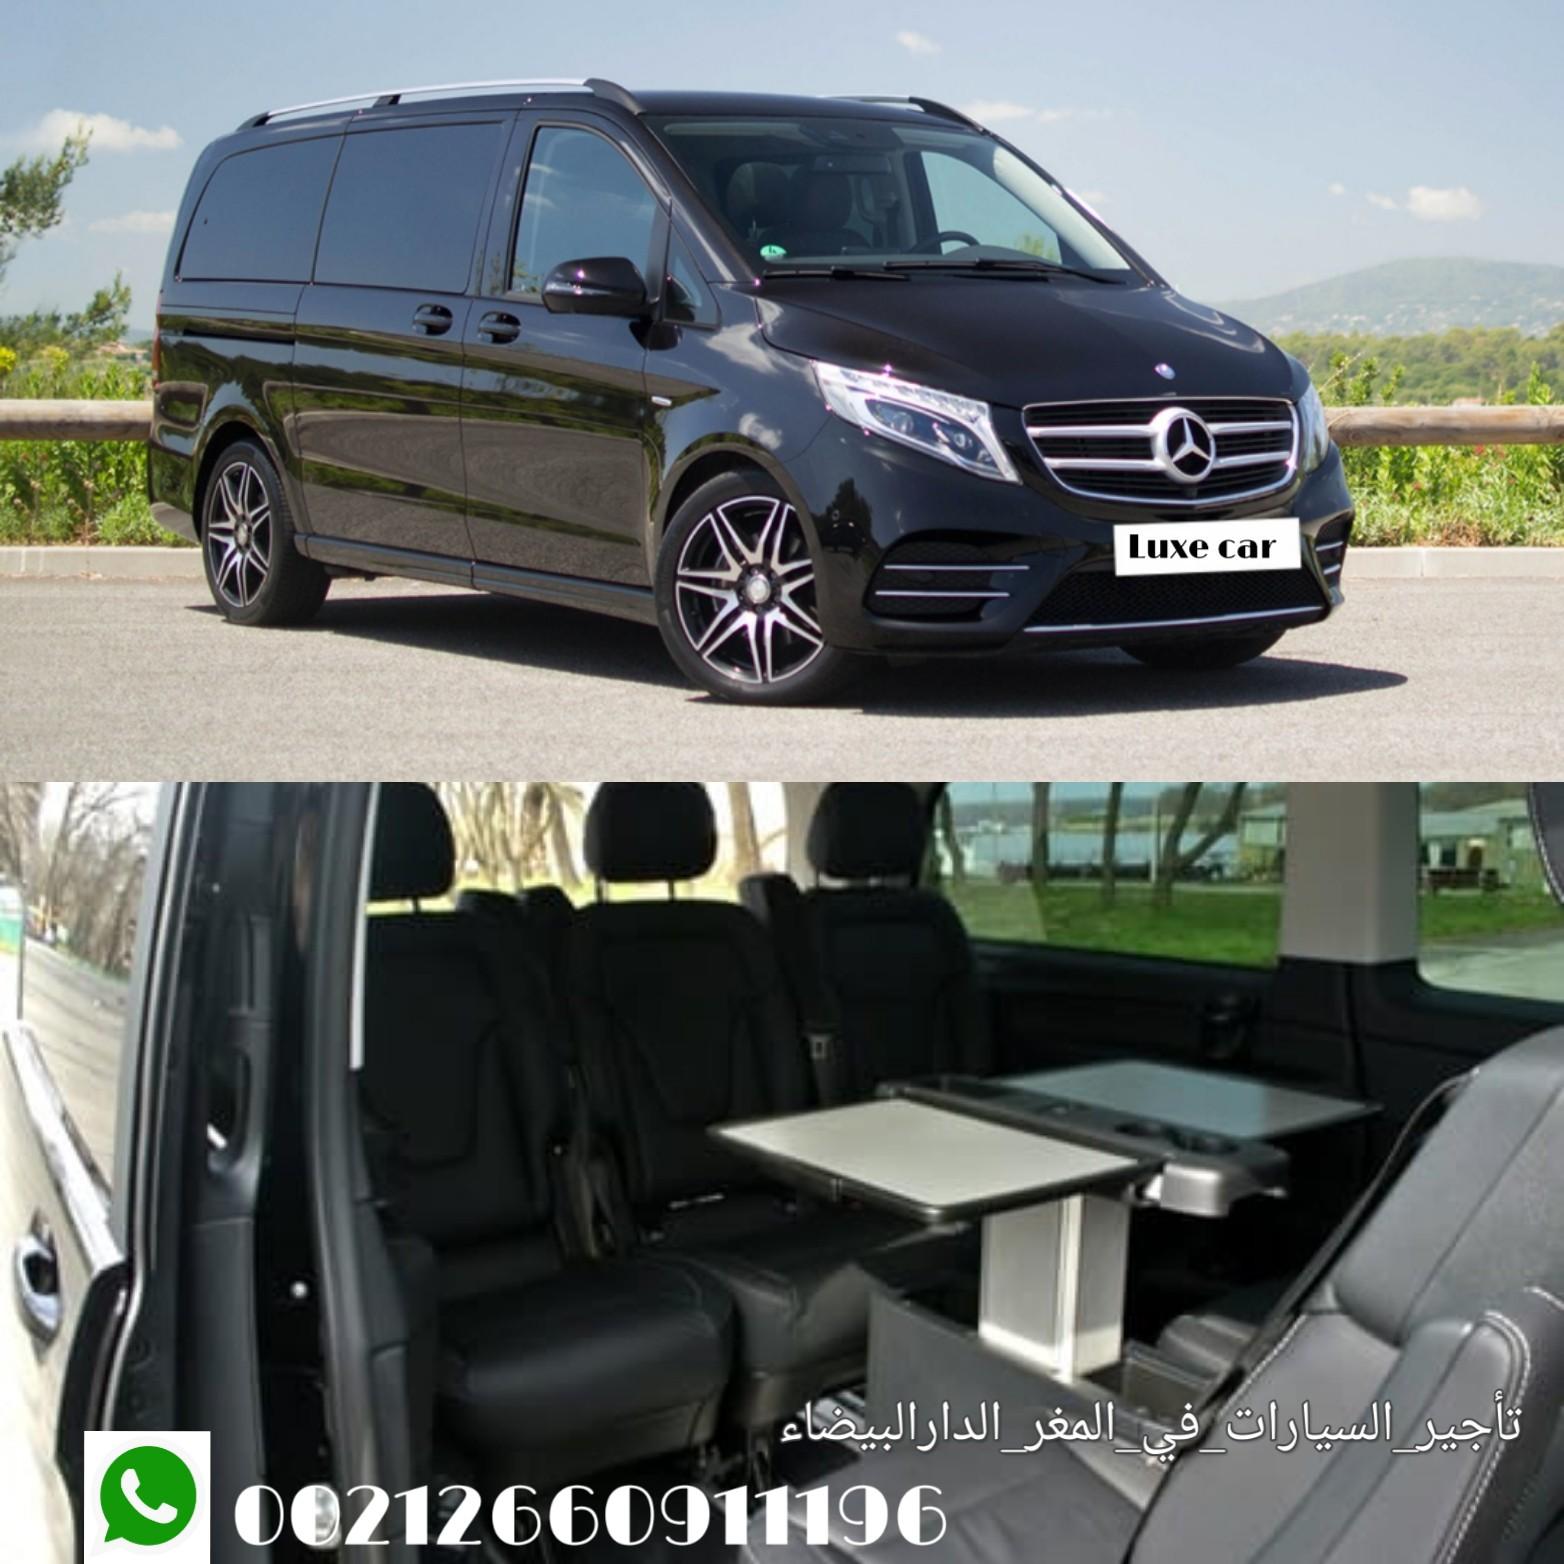 703683 المسافرون العرب تأجير سيارات في المغرب عرض خاص vip